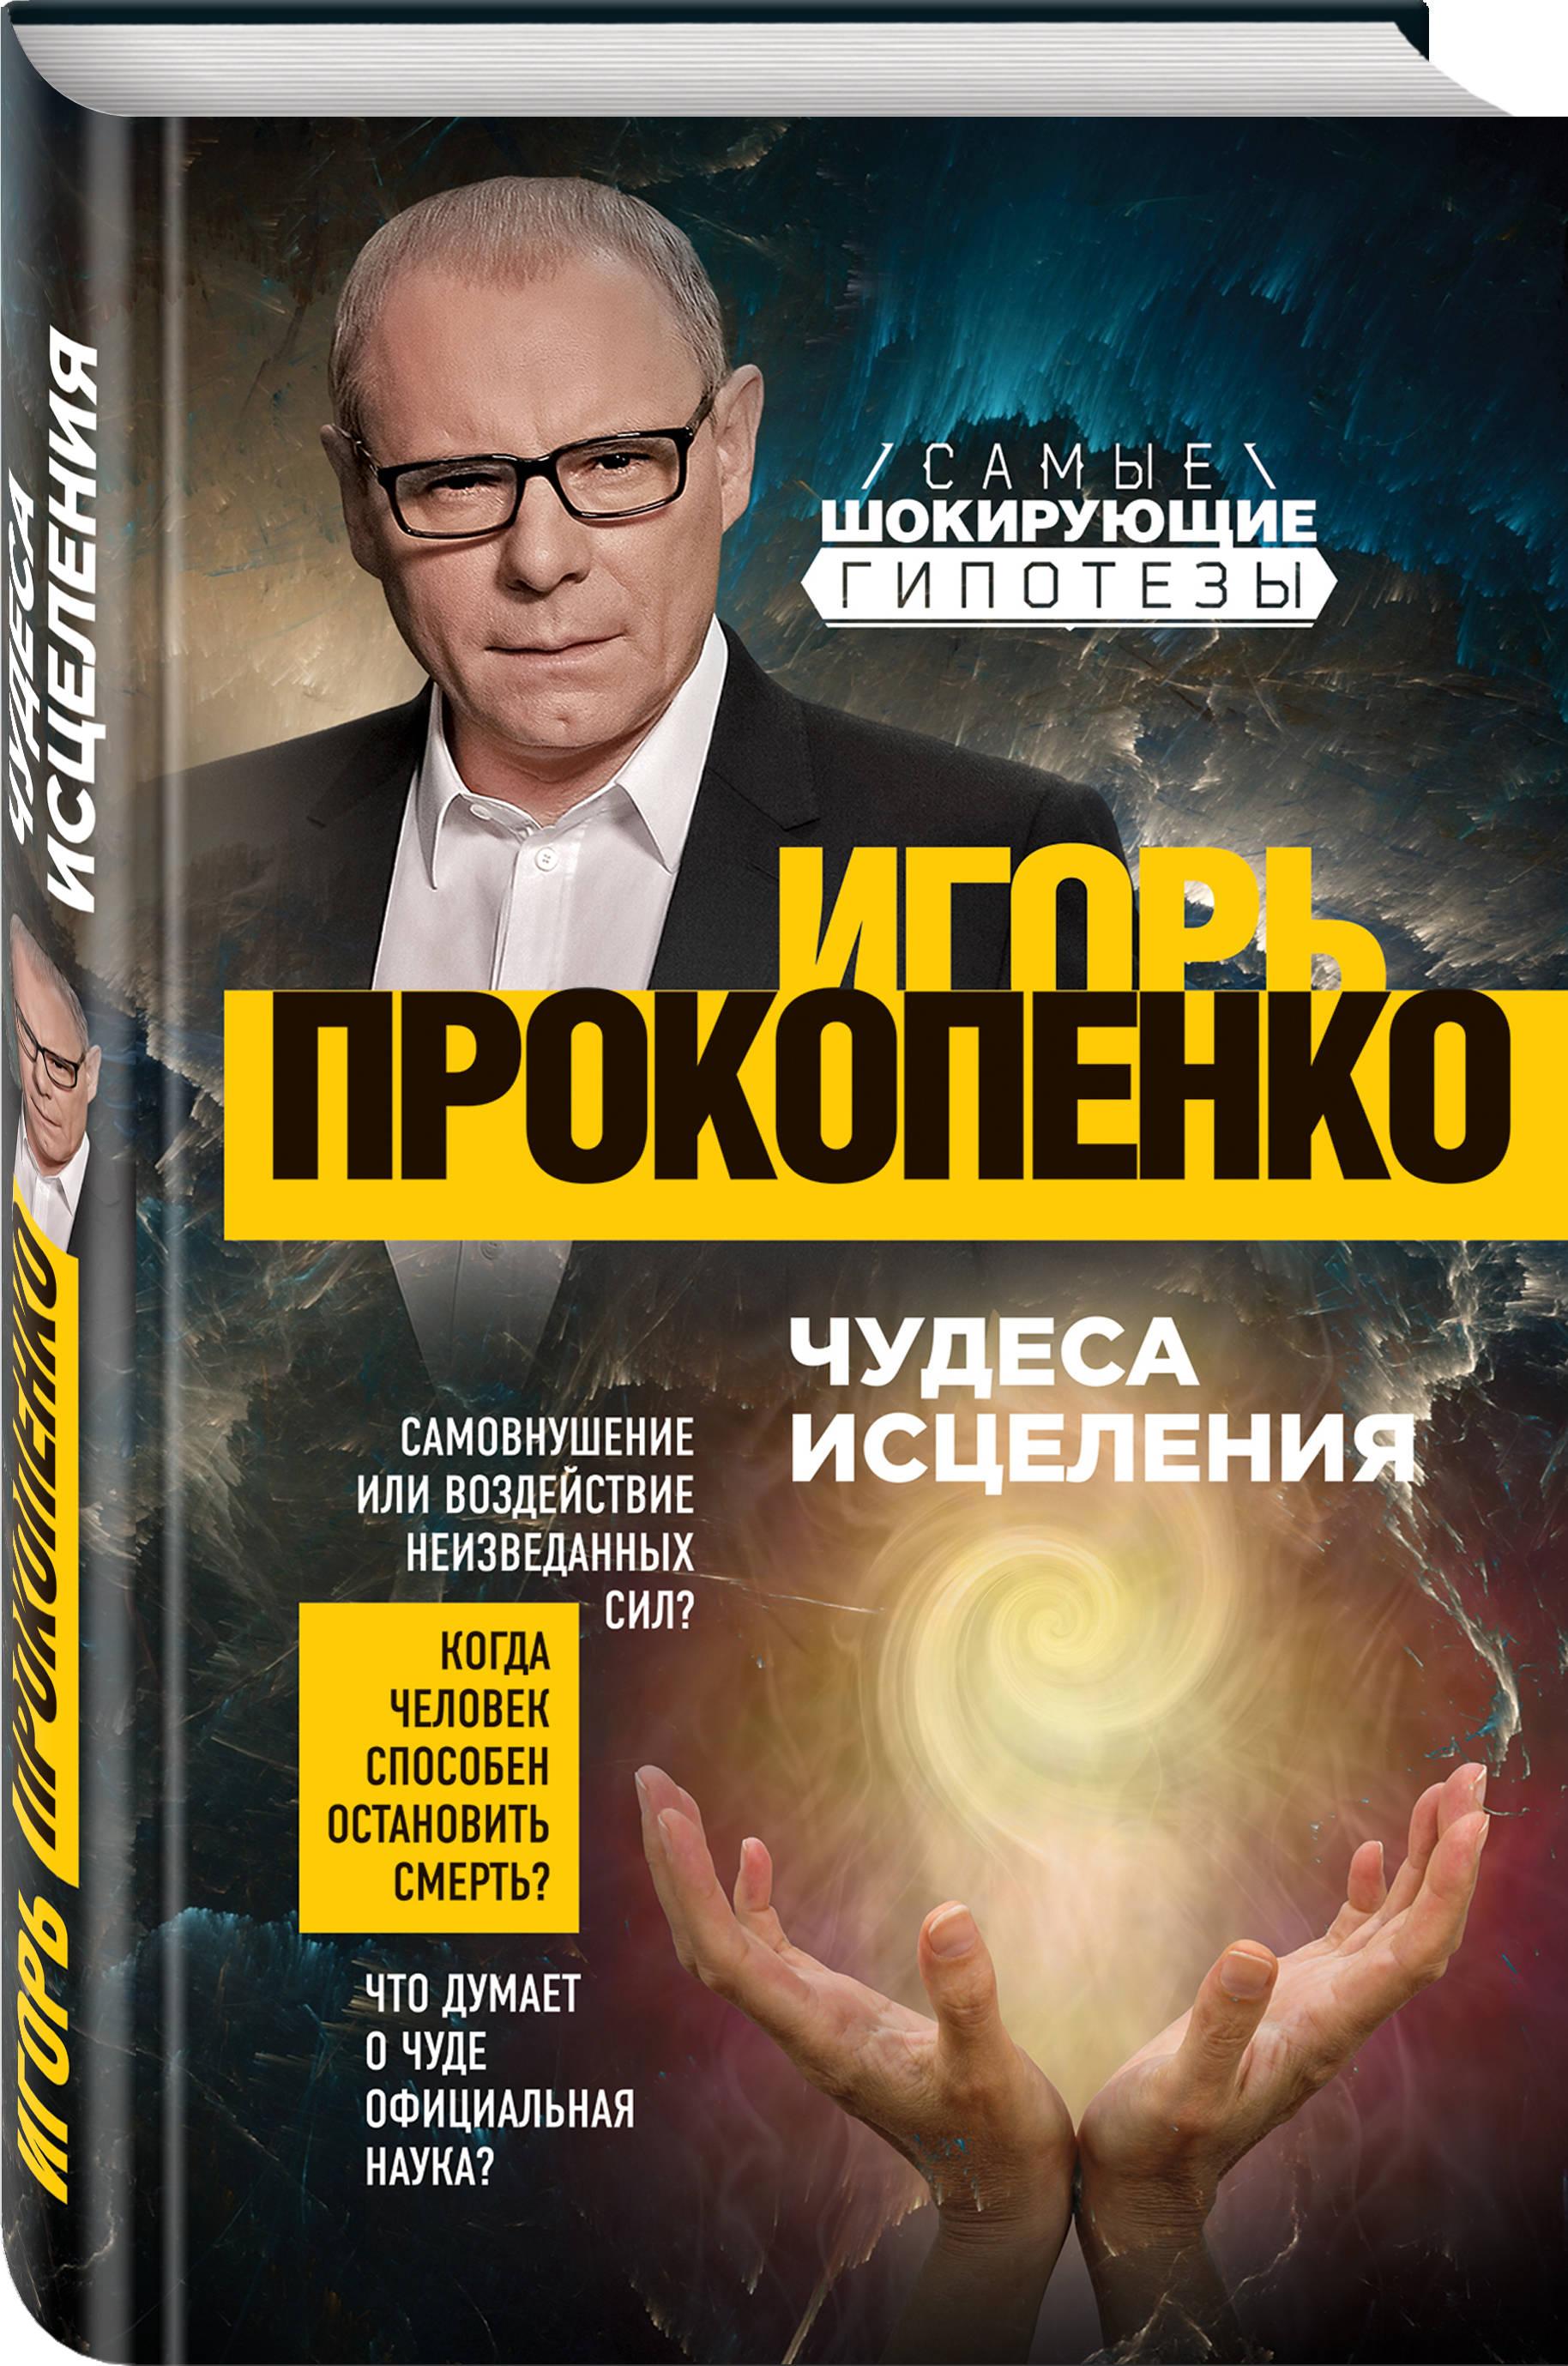 Чудеса исцеления ( Прокопенко Игорь Станиславович  )